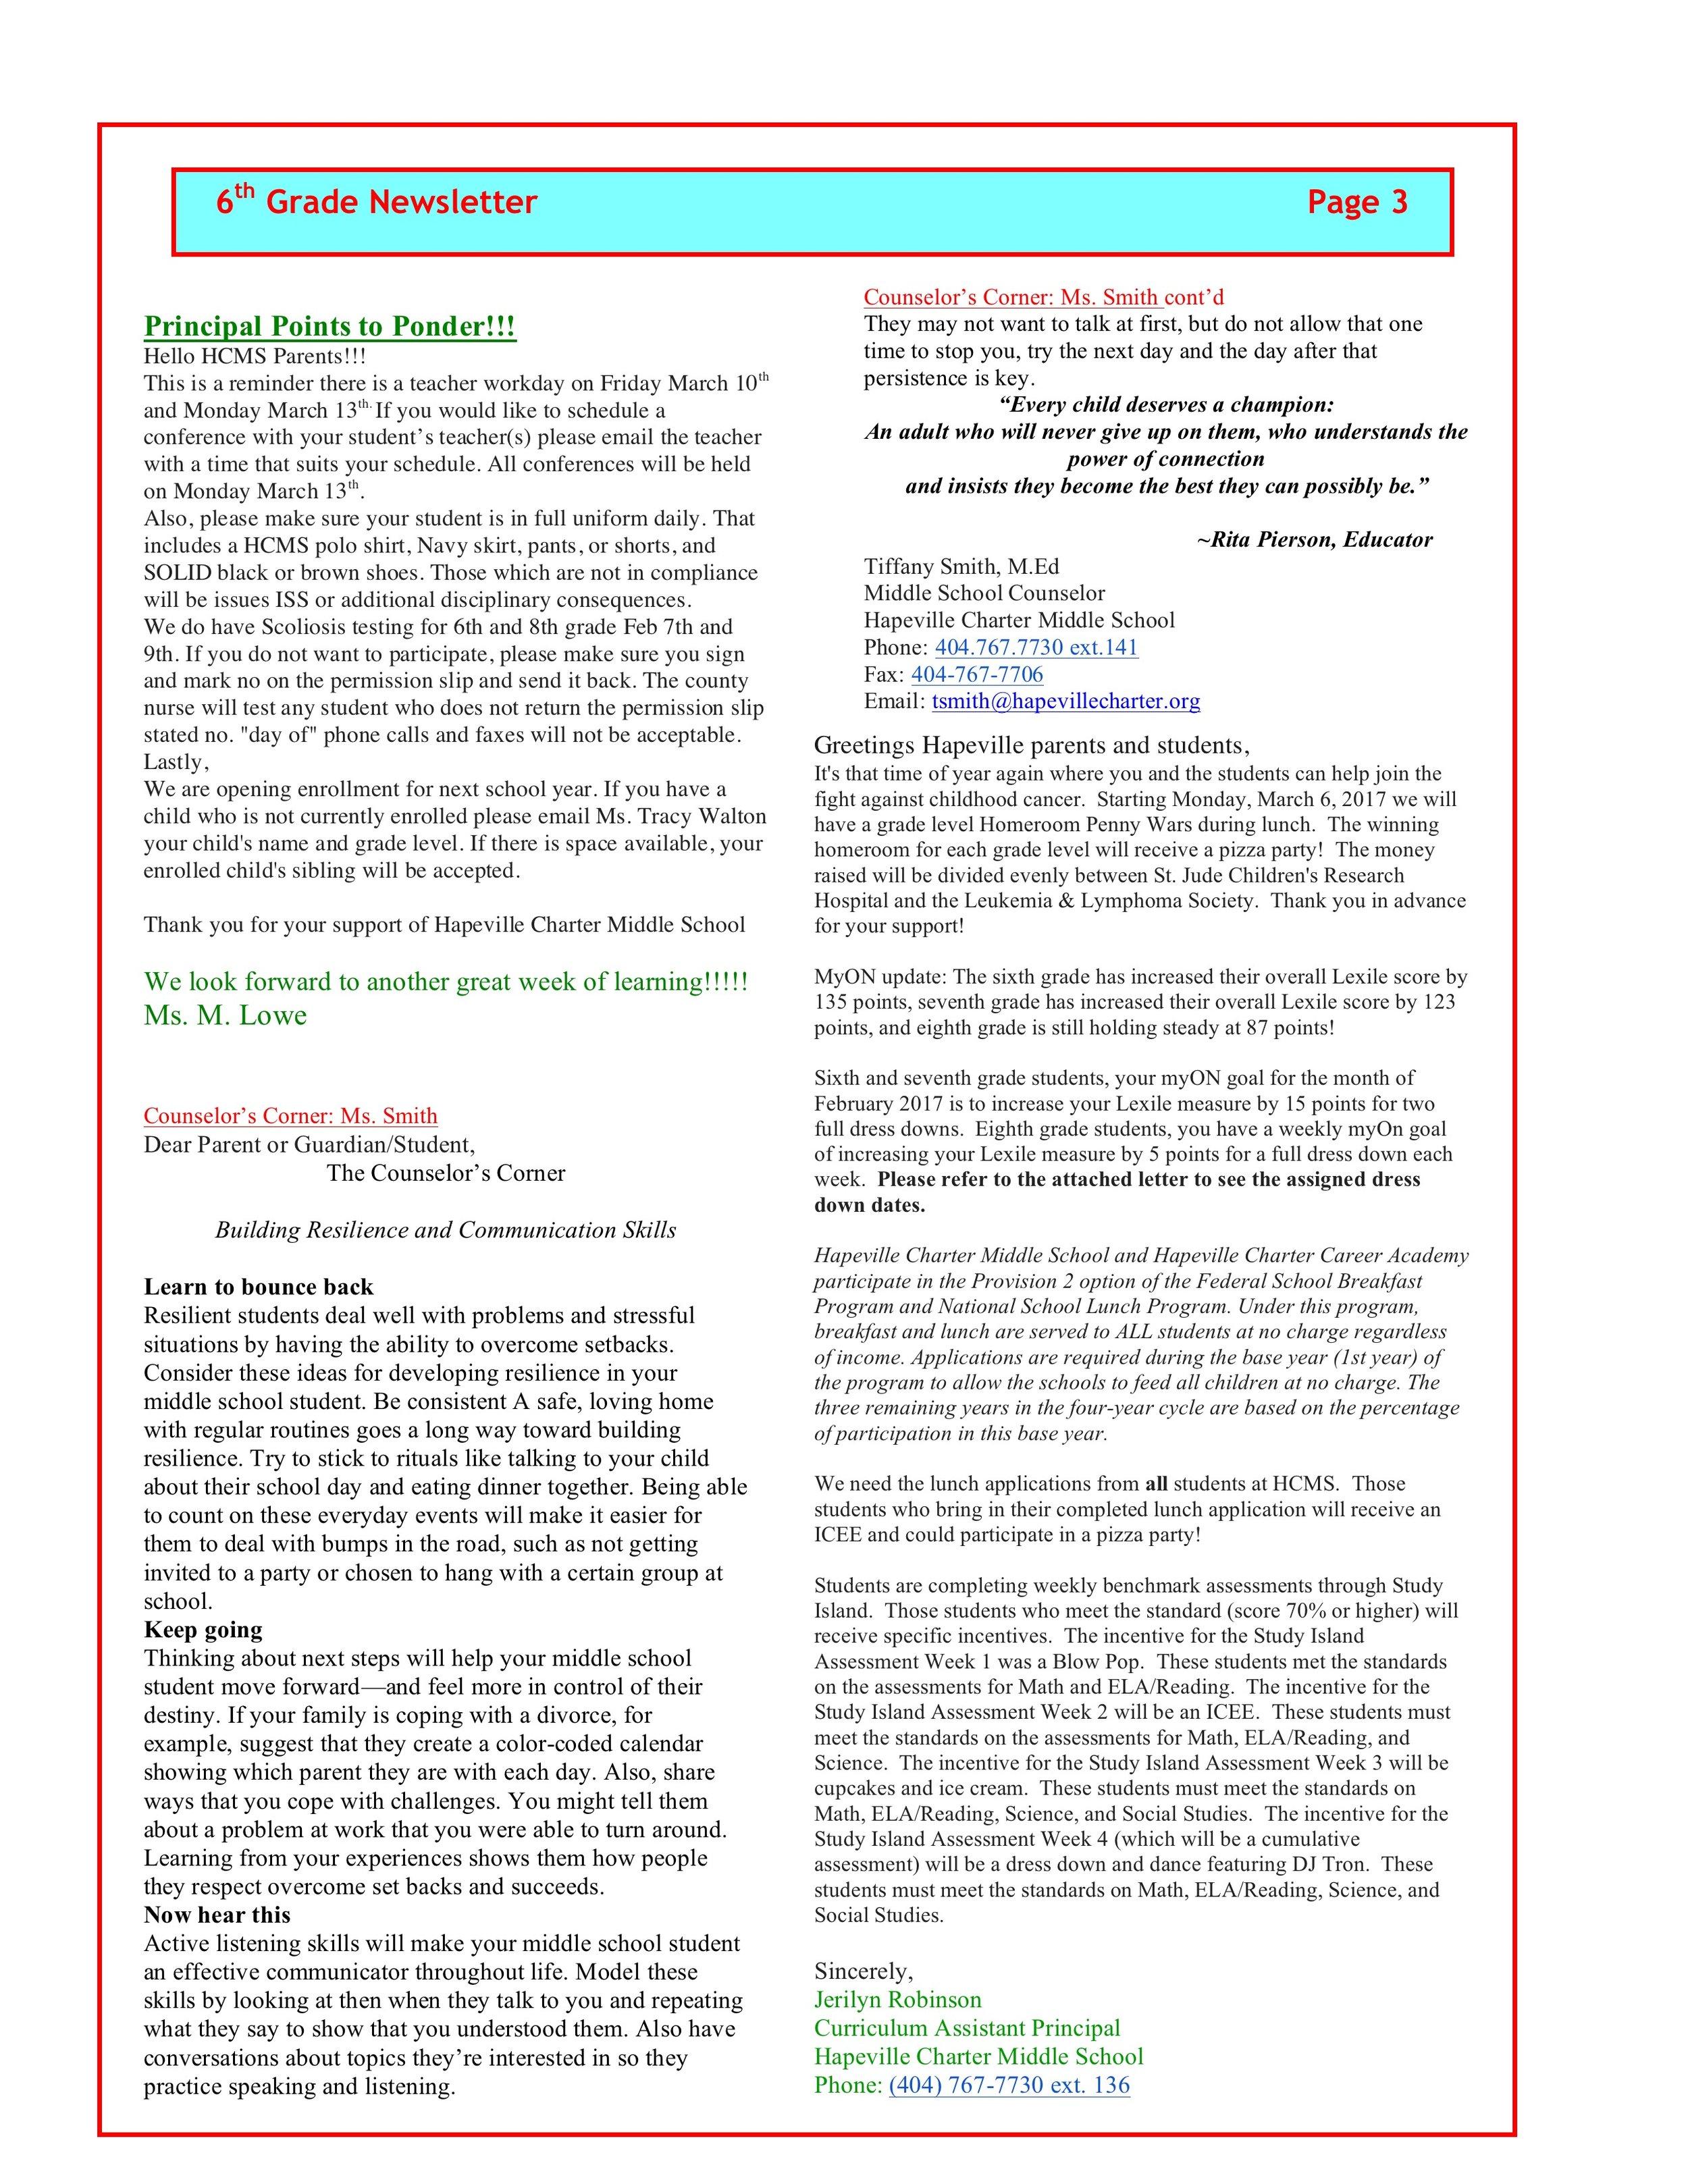 Newsletter Image6th Grade Newsletter 3-7-2017 3.jpeg